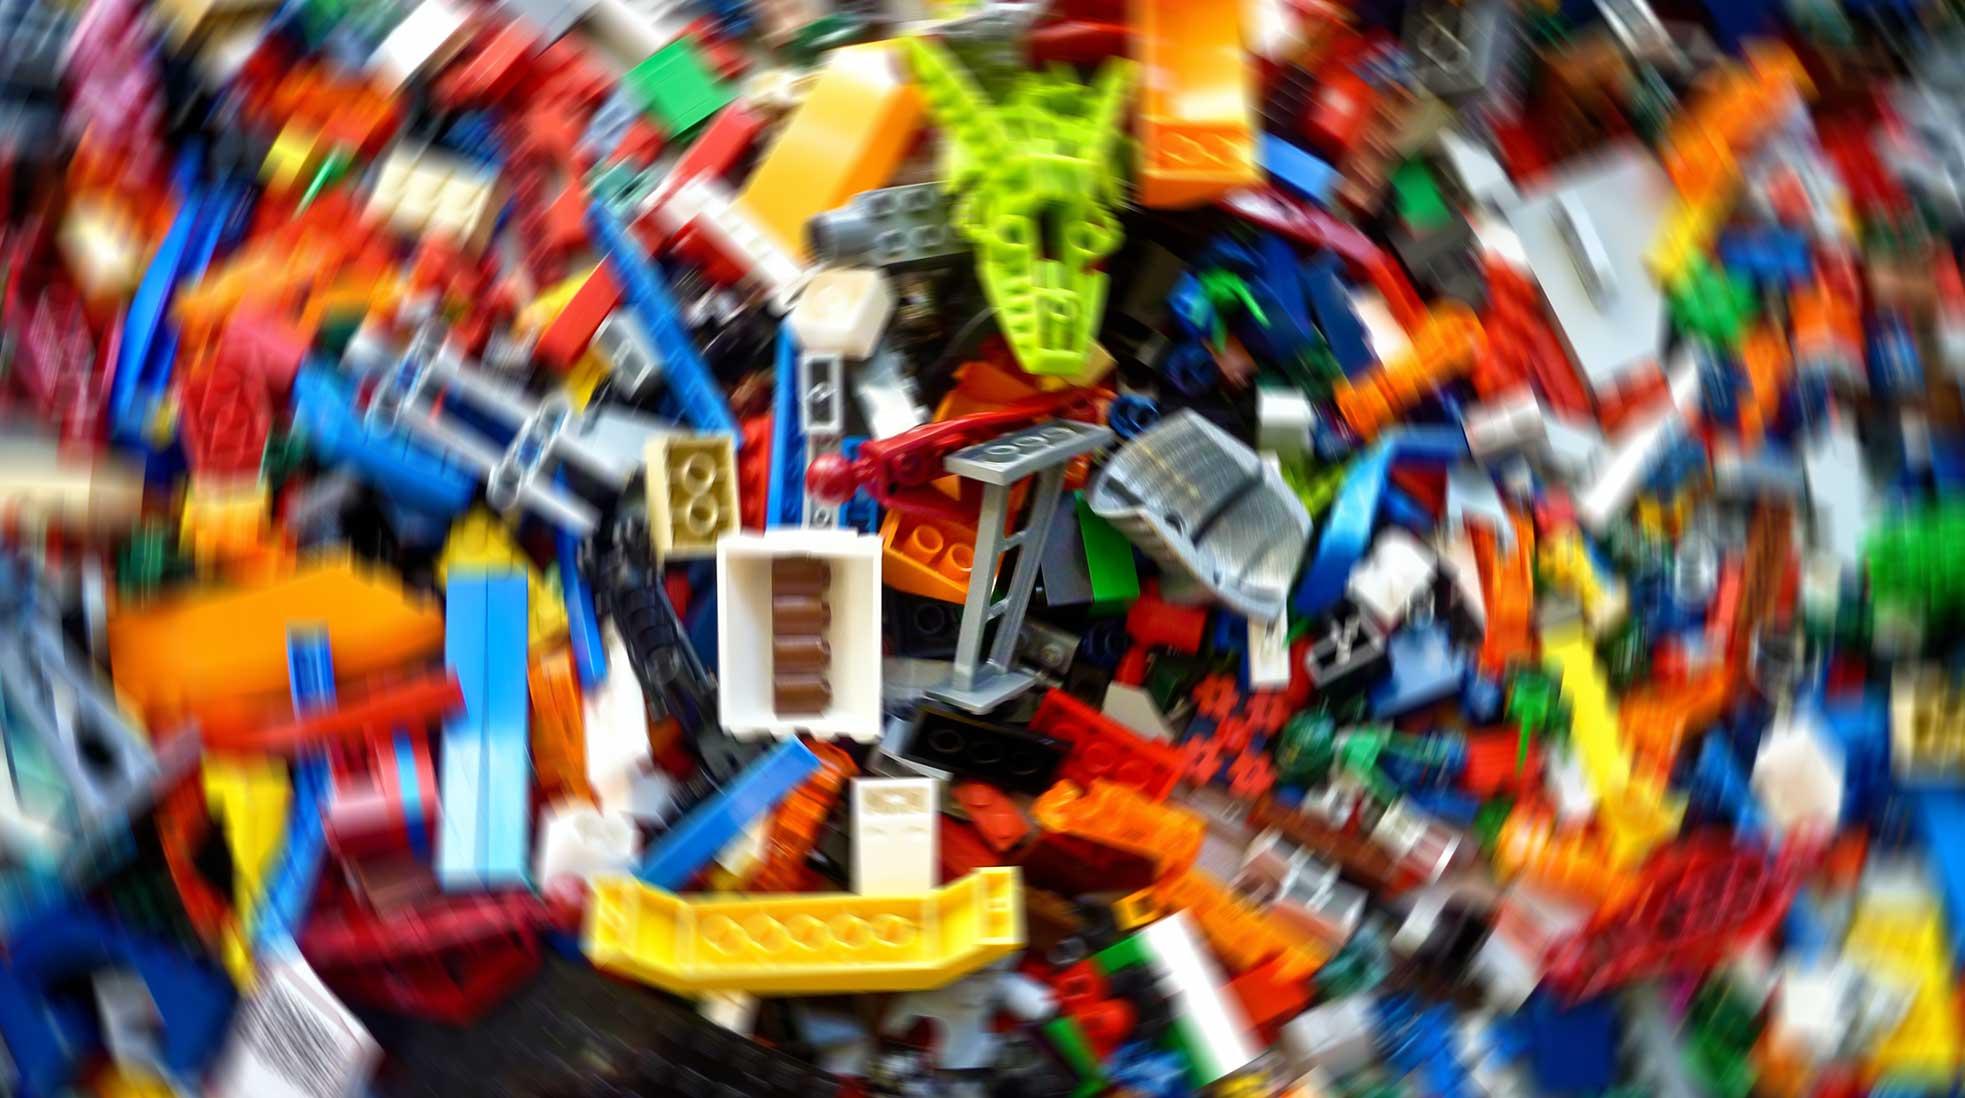 Lego. Foto: Rick Mason / Unsplash (bilden har redigerats)